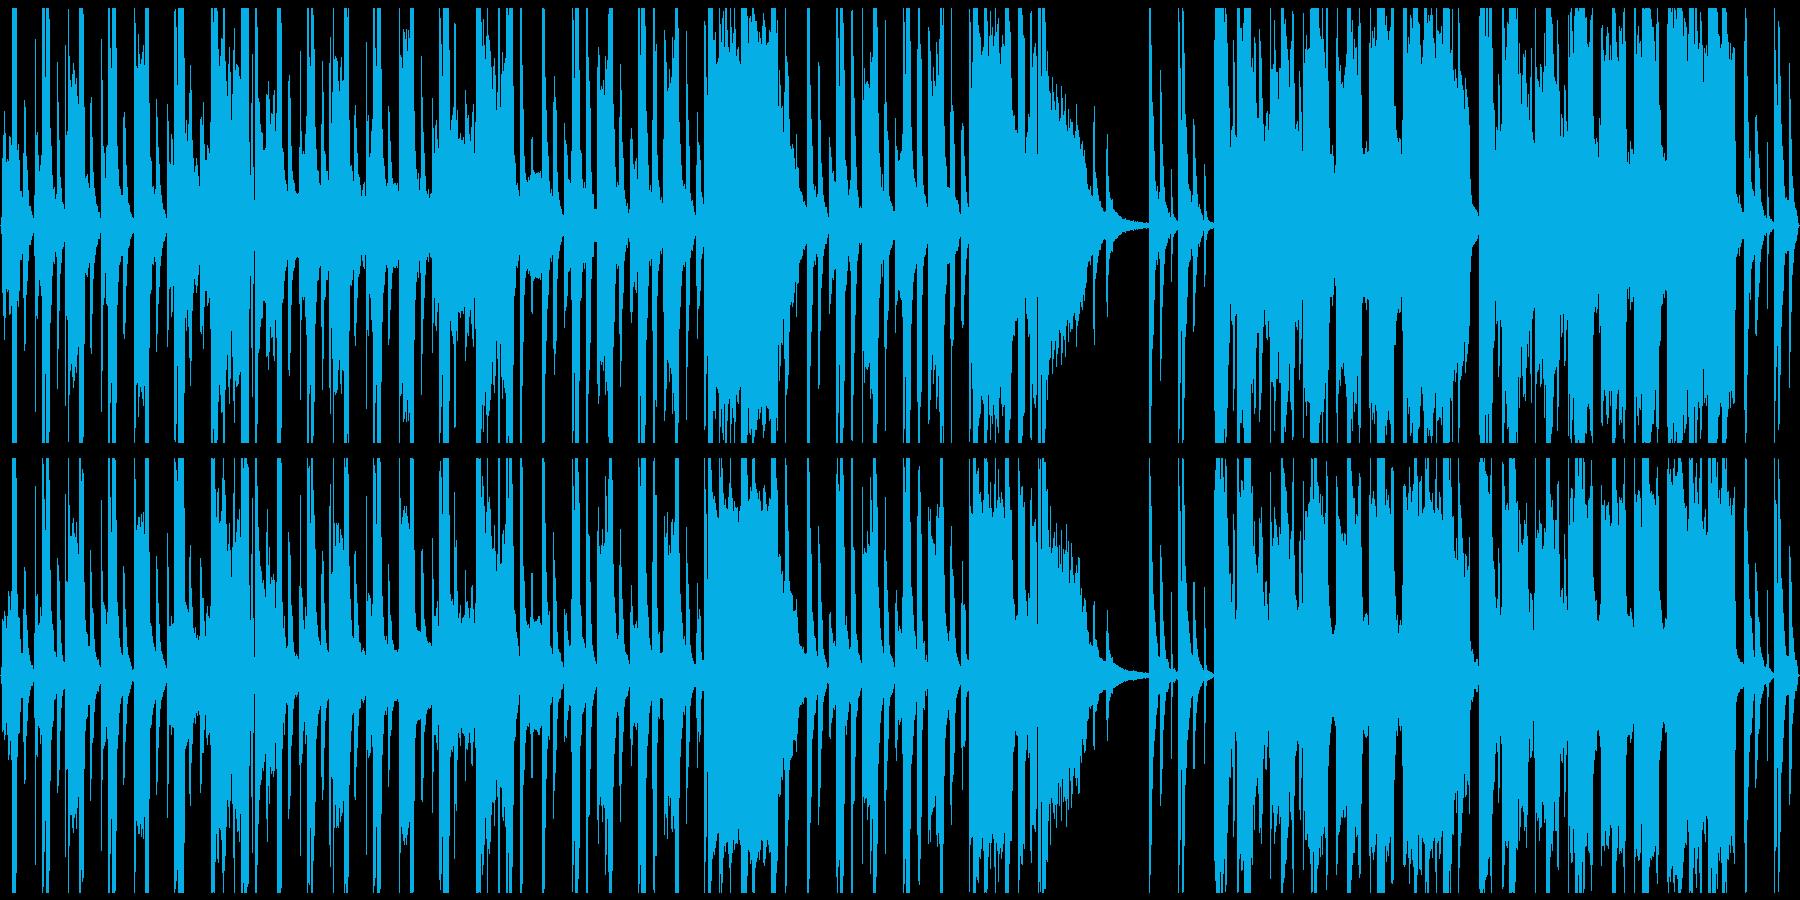 ループ、のんびり、穏やか、アコーディオンの再生済みの波形